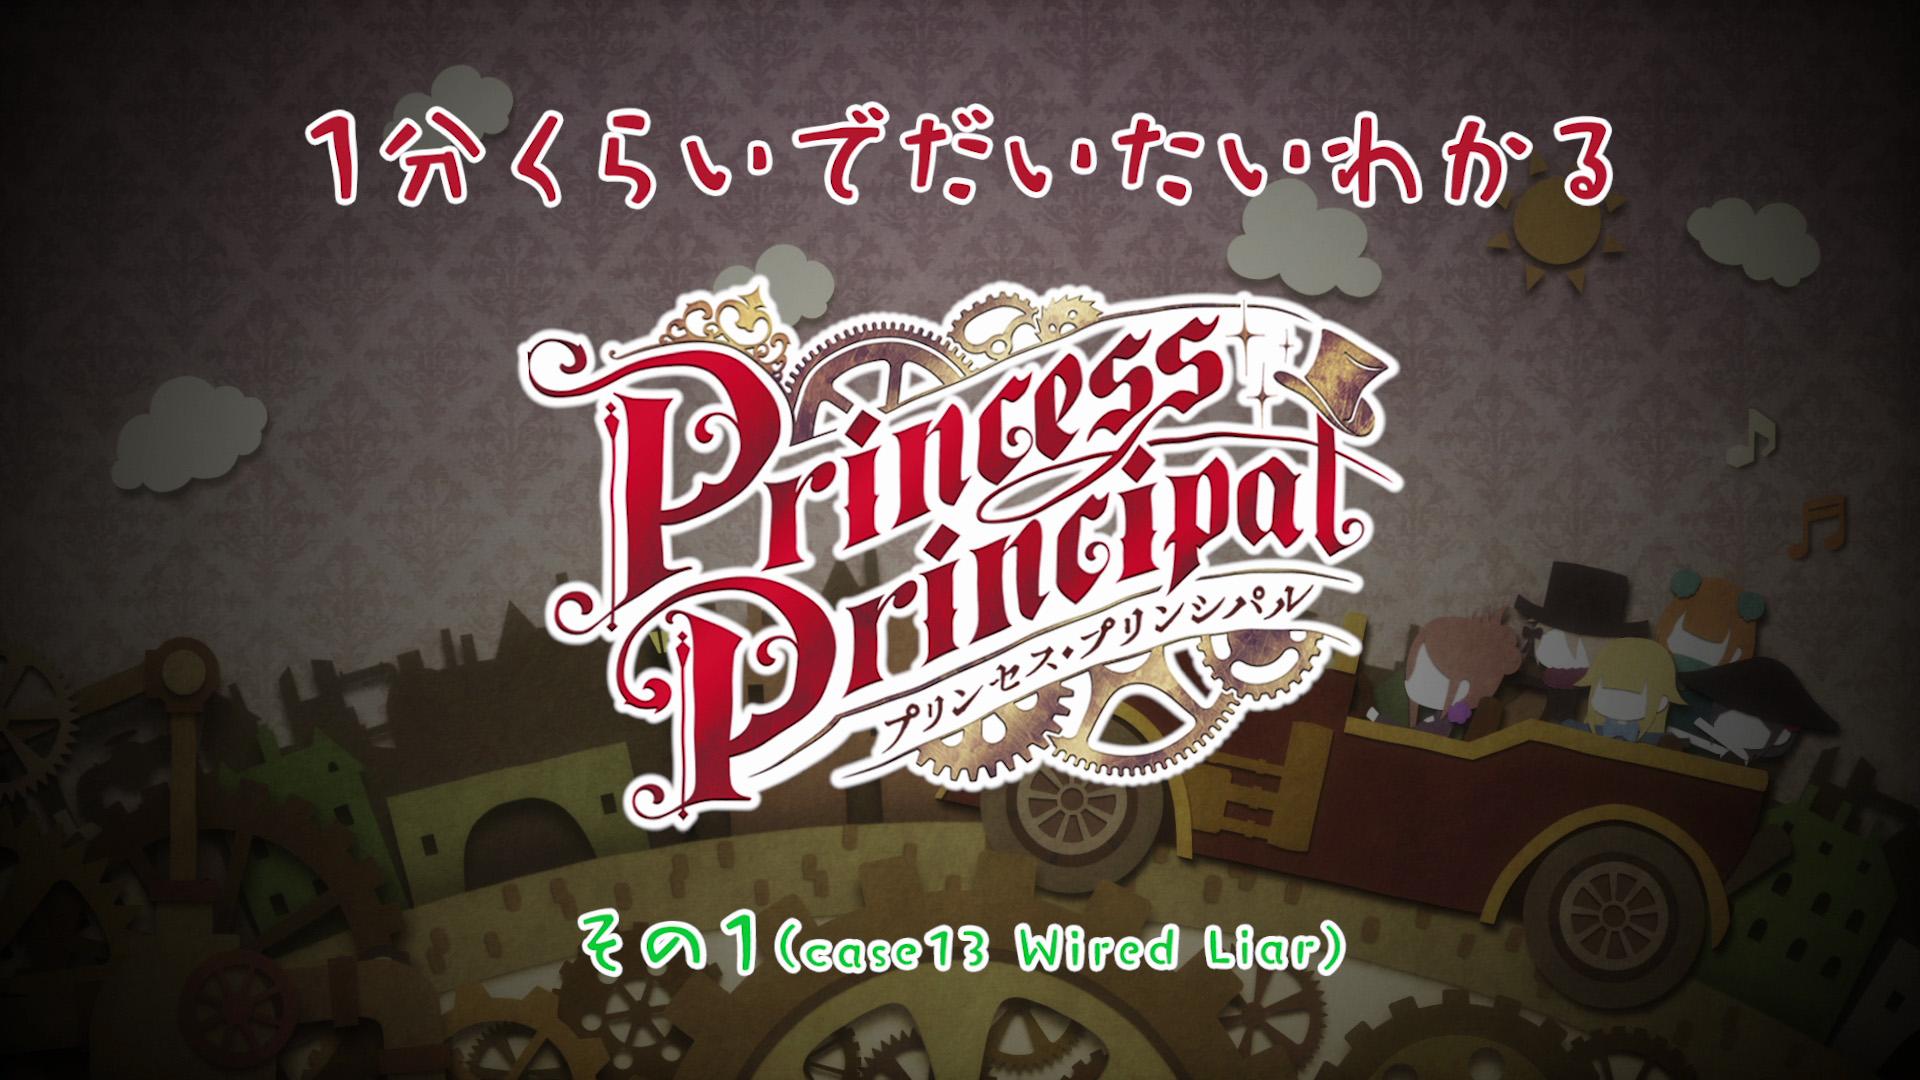 """""""1分くらいでだいたいわかる「プリンセス・プリンシパル」""""全12本公開!"""